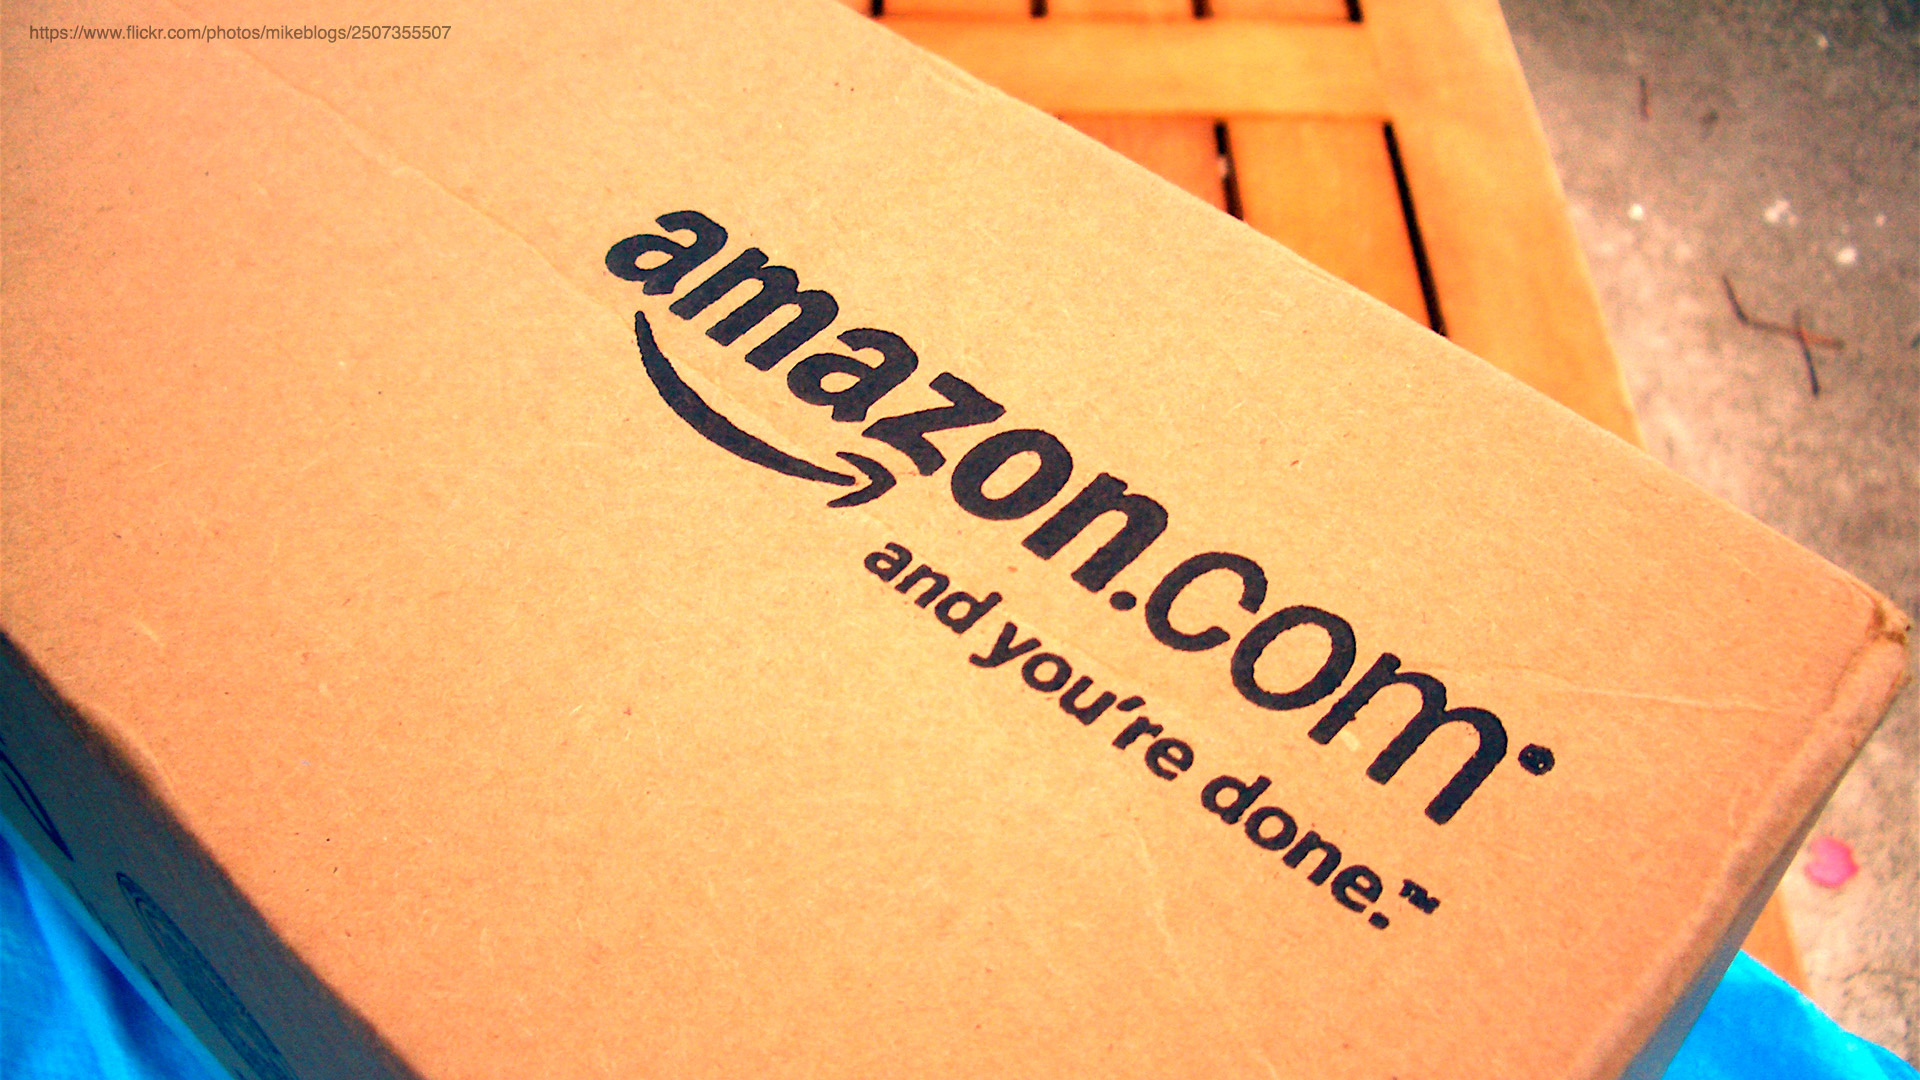 Cel mai mare magazin online din lume şi-a schimbat practicile fiscale din Europa